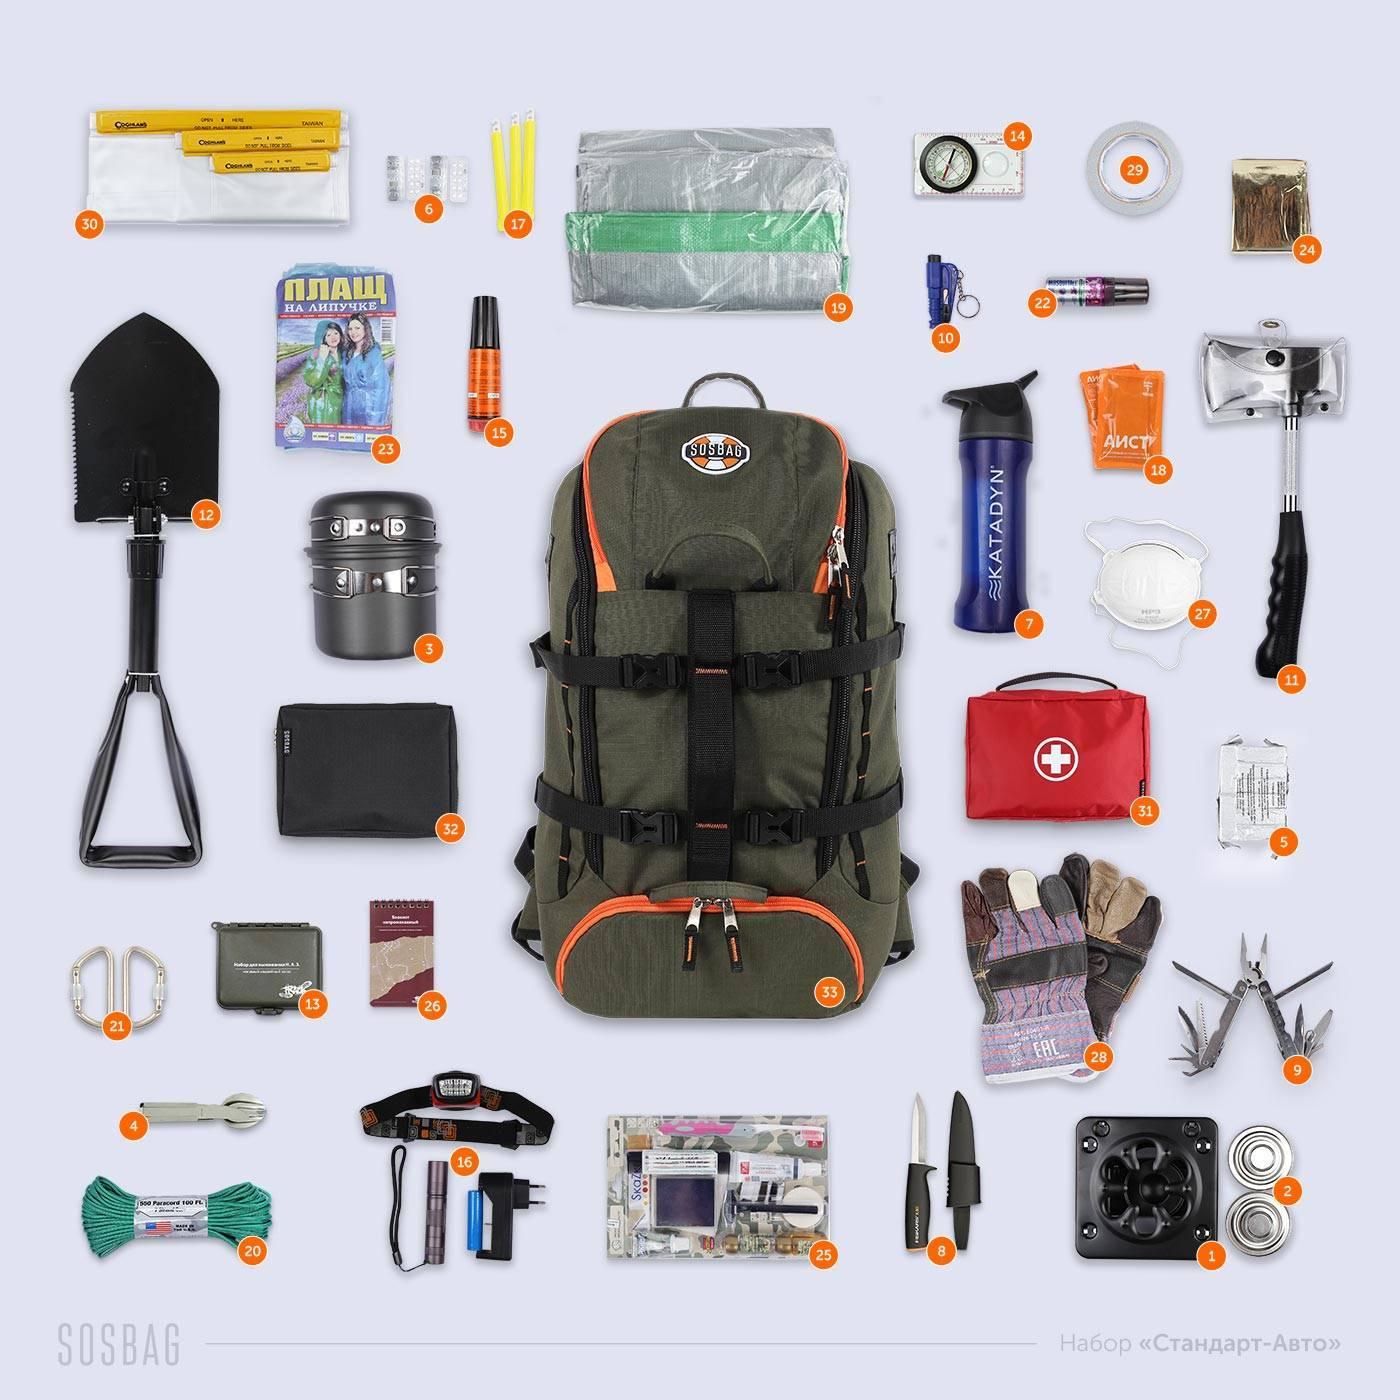 Рюкзак для экстренной эвакуации и выживания на 72 часа